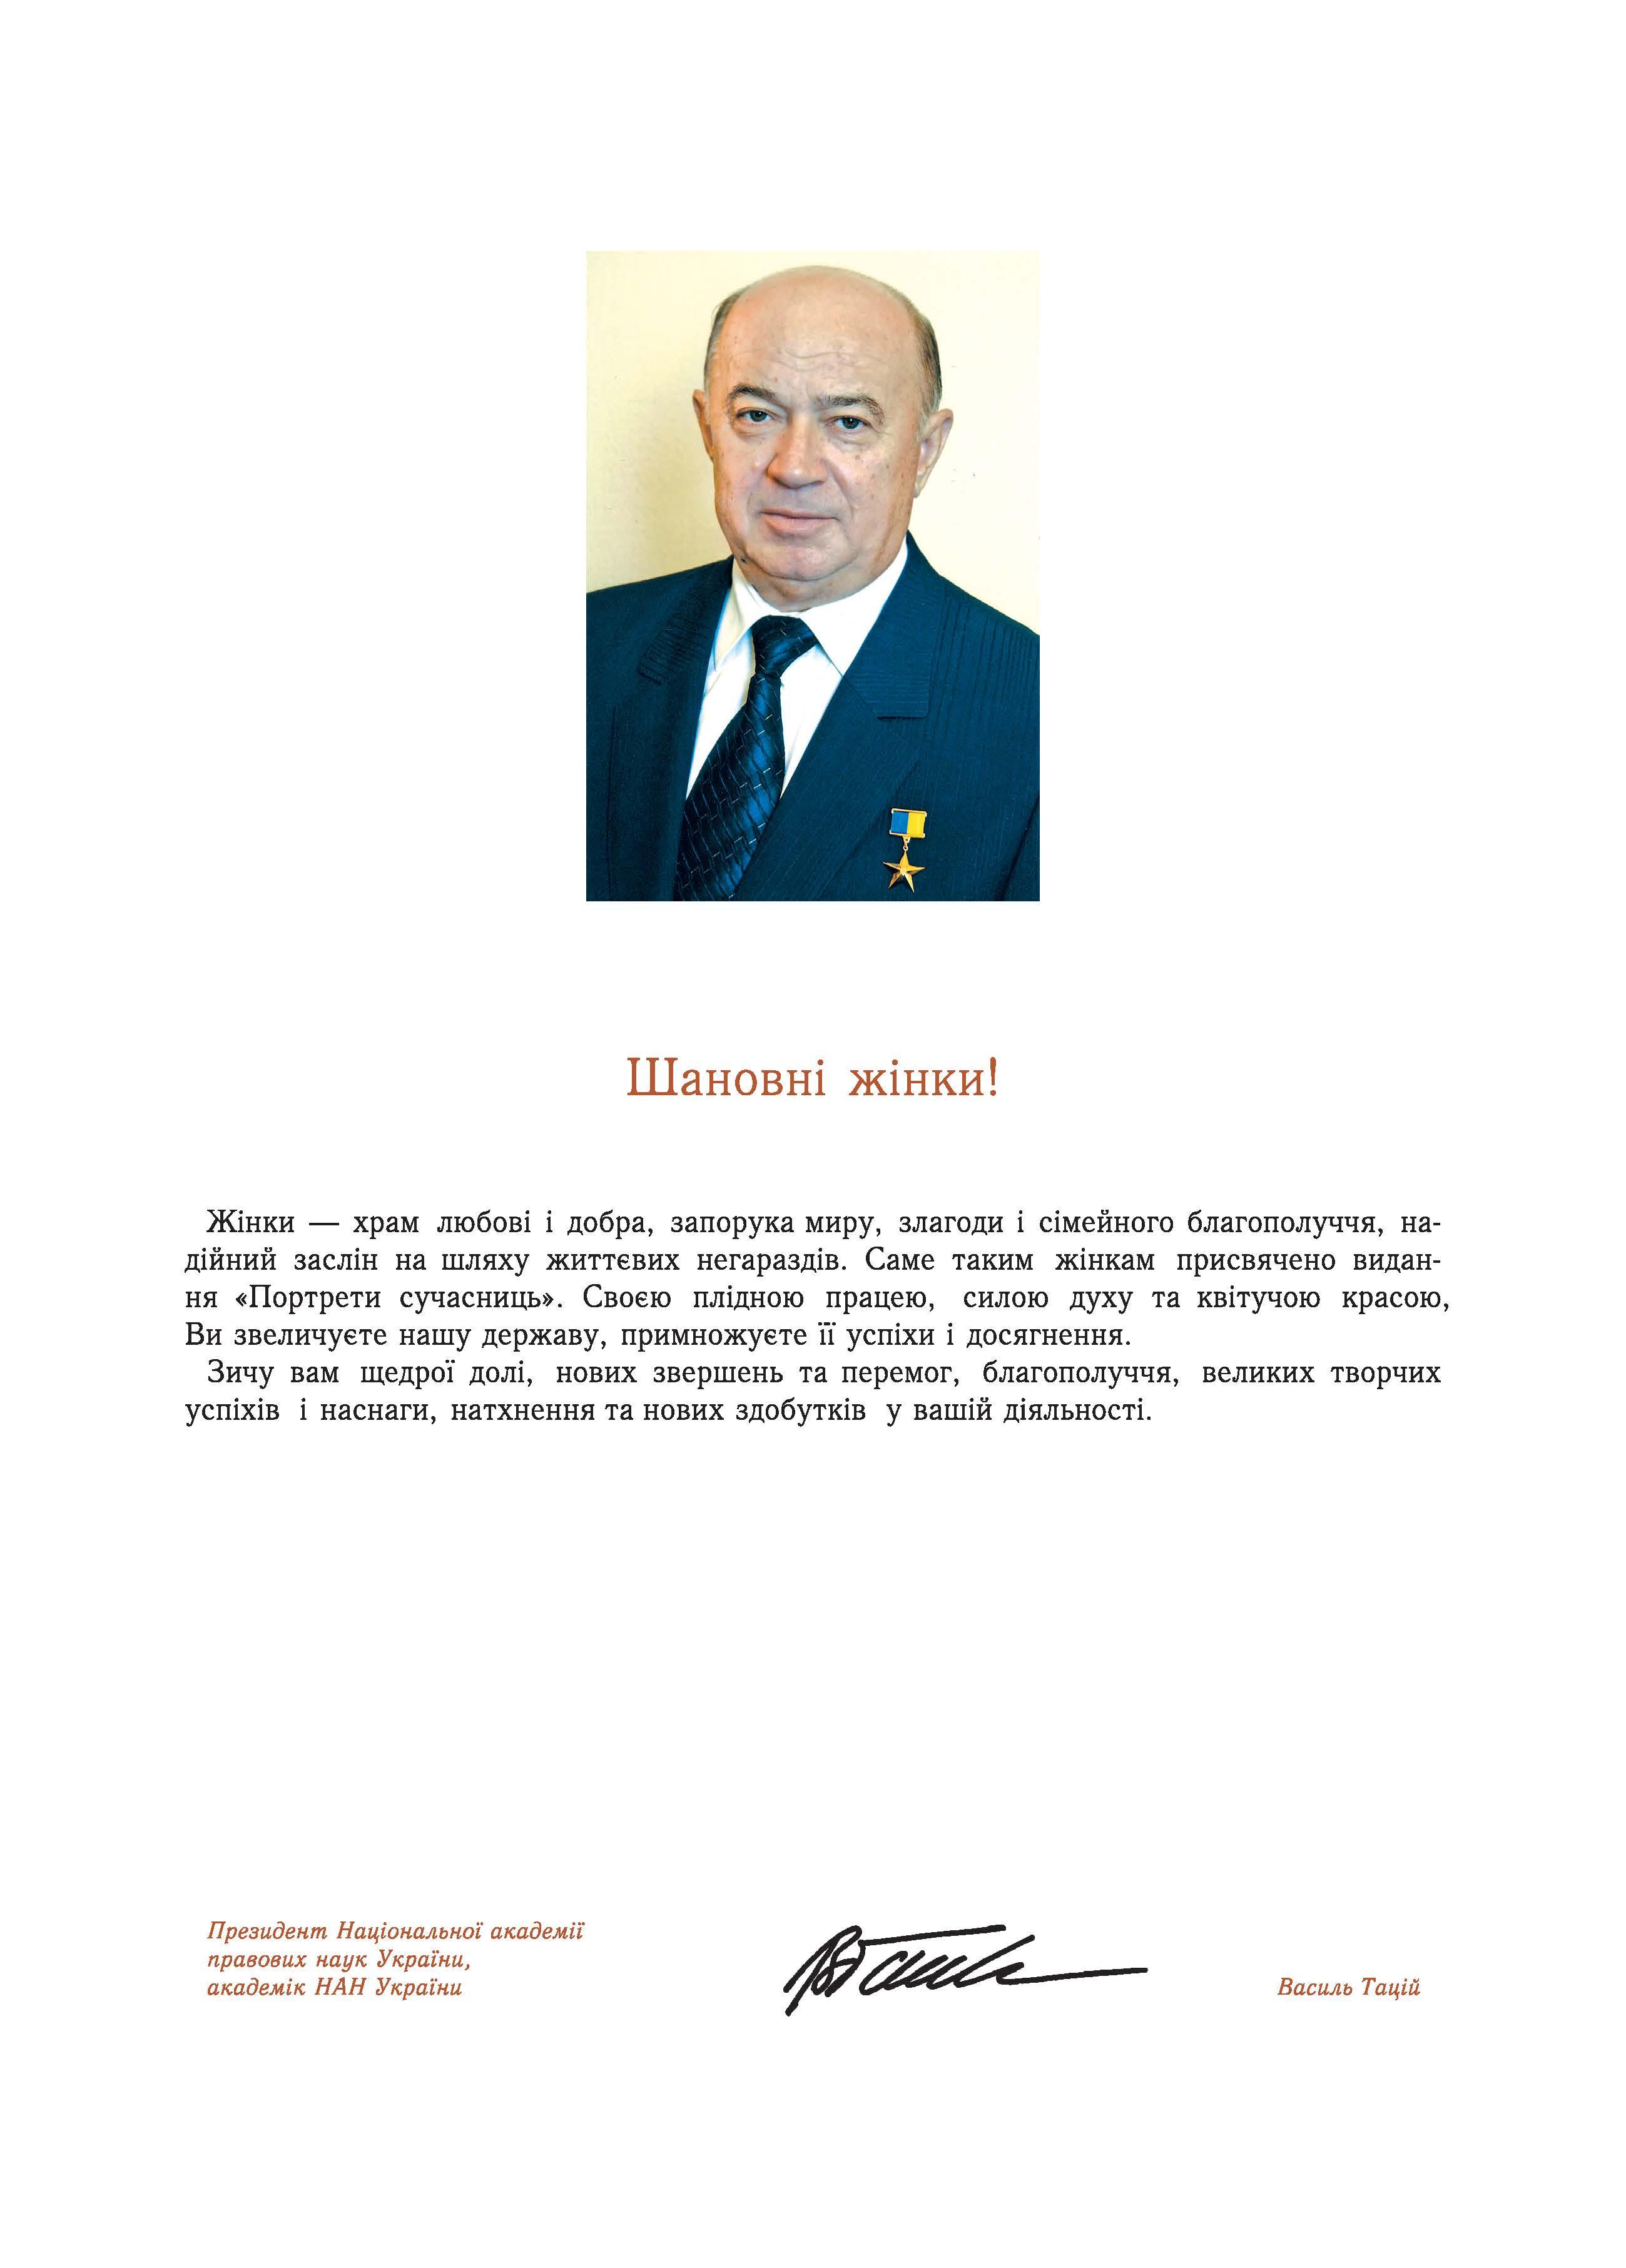 Звернення до читачів Тація Василя Яковича - президента Національної академії правових наук України